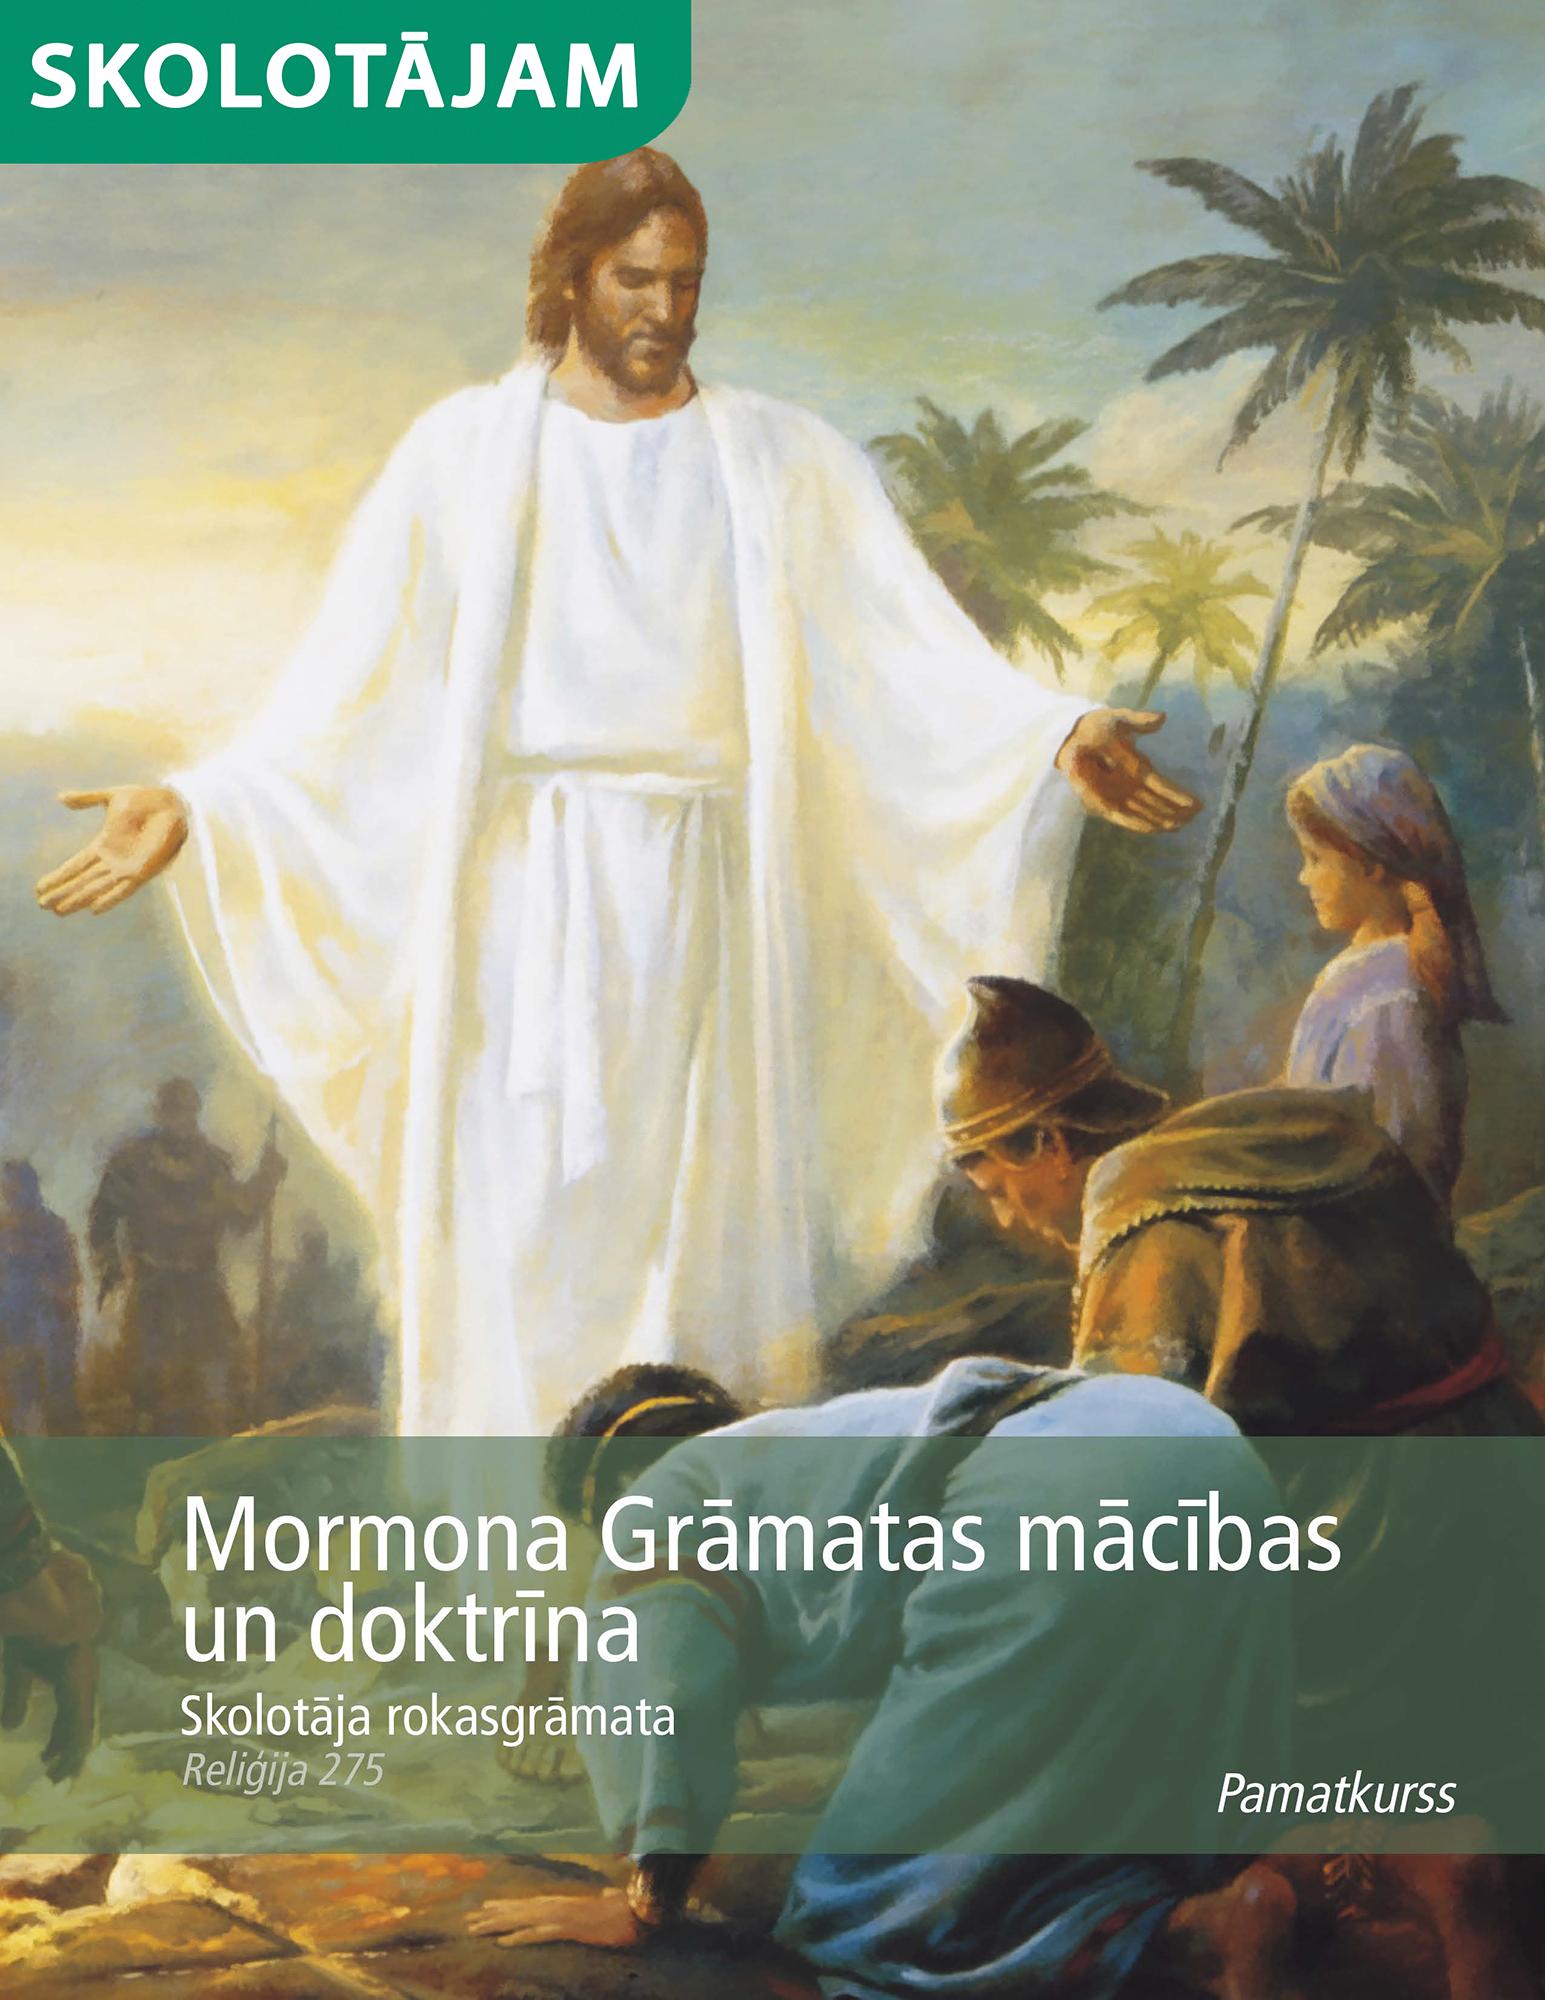 Mormona Grāmatas mācības un doktrīna, skolotāja rokasgrāmata (Rel 275)